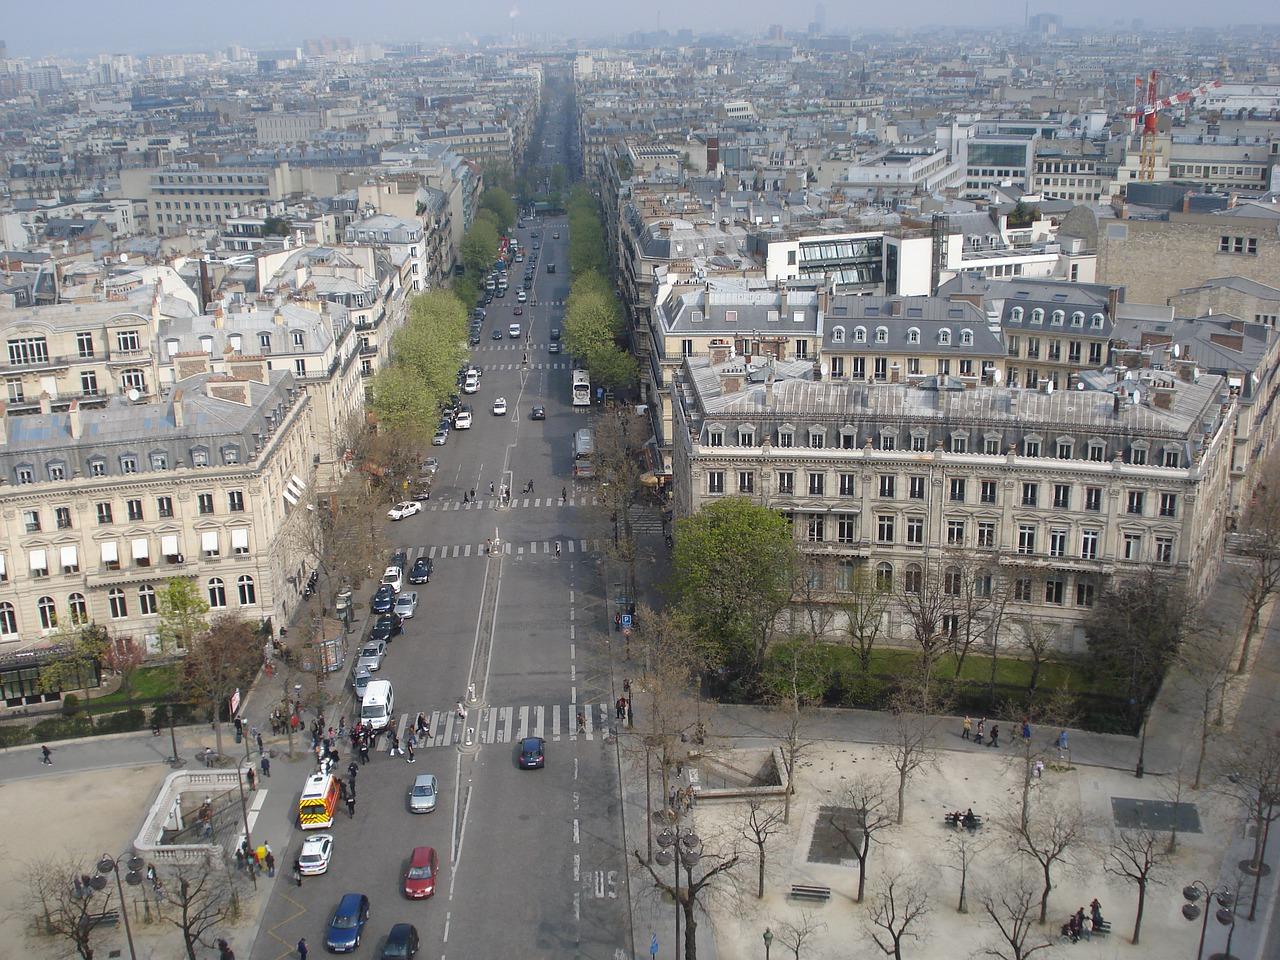 ΠΟΥ: Προσοχή στα προγενέστερα κρούσματα - Tι συνέβη στη Γαλλία